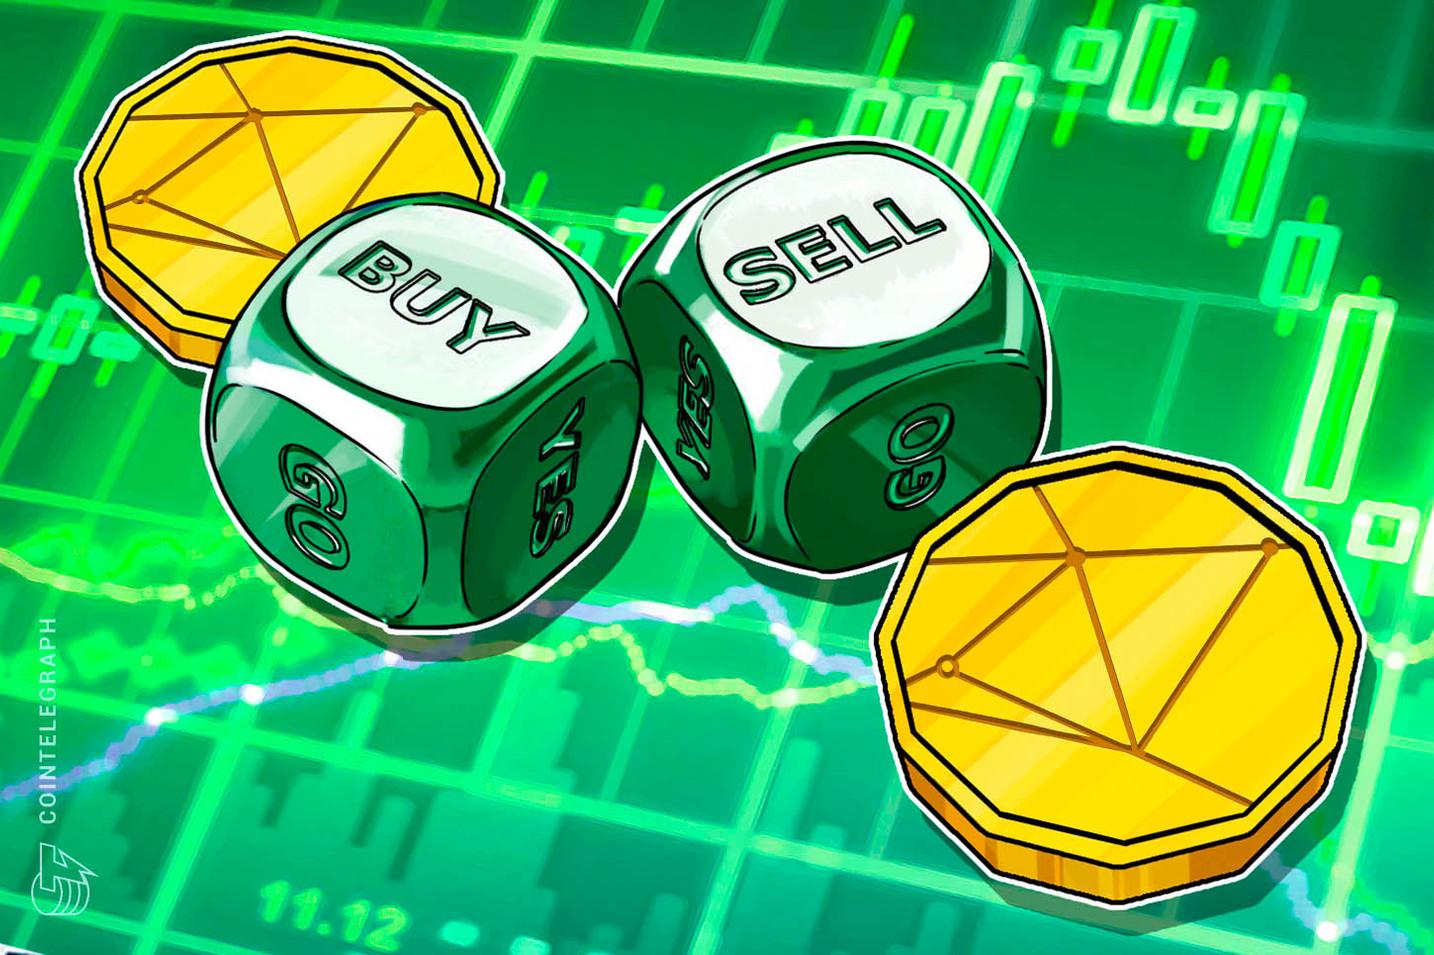 Il Bitcoin rimane saldo a quota 8.000$, ma la crescita repentina dei prezzi potrebbe portare a dei ribassi